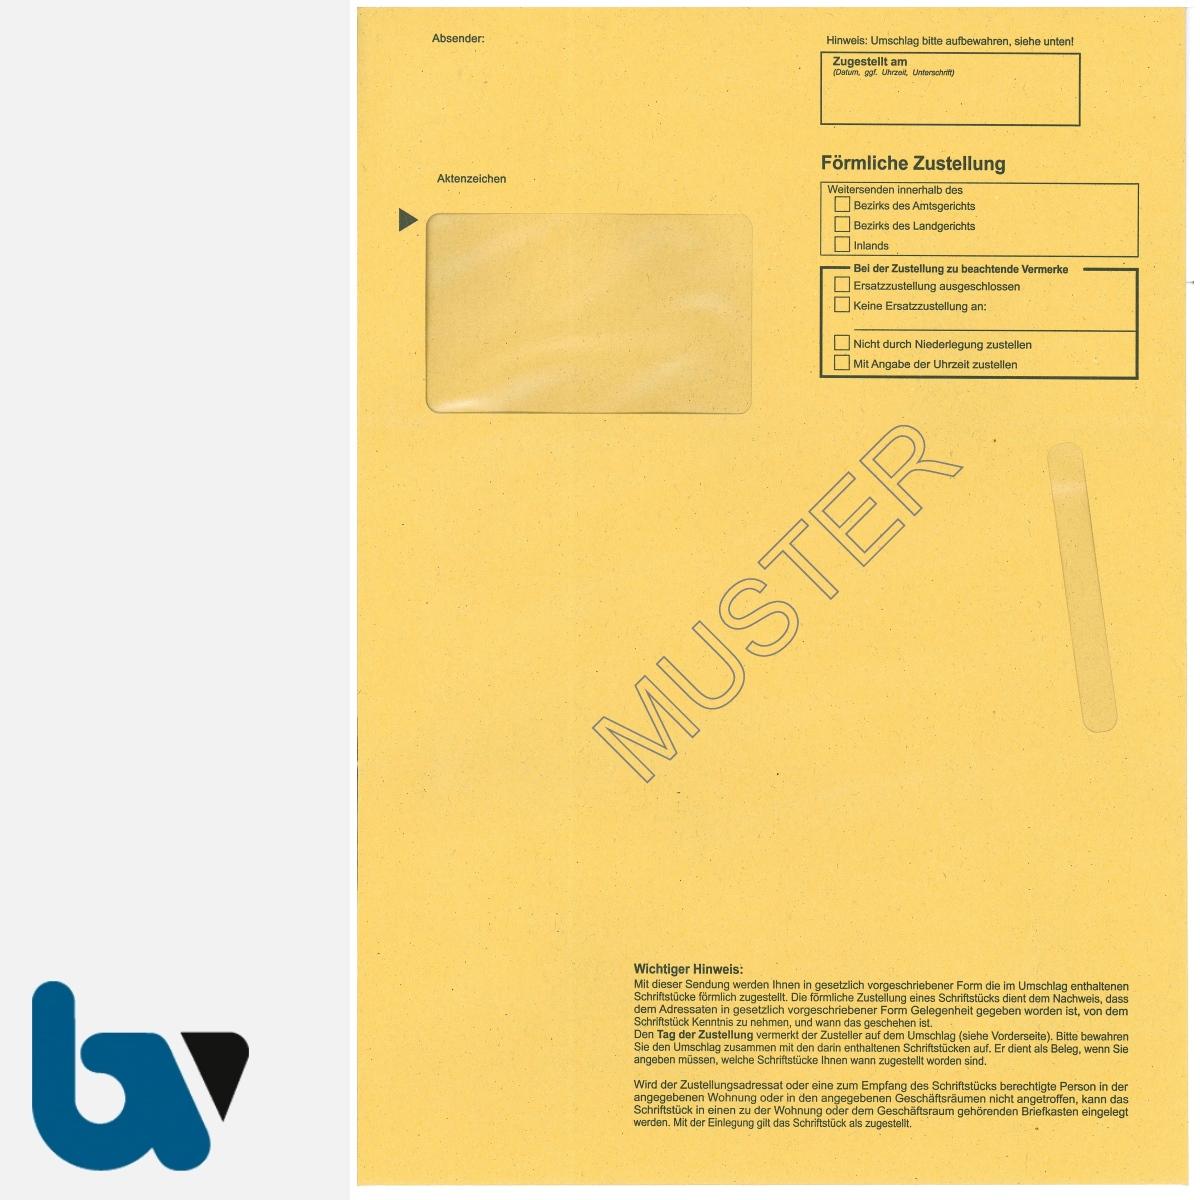 0/101-4.2-Förmliche Zustellung - Innerer Umschlag, DIN C4, mit Fenster, nassklebend, Vorderseite | Borgard Verlag GmbH